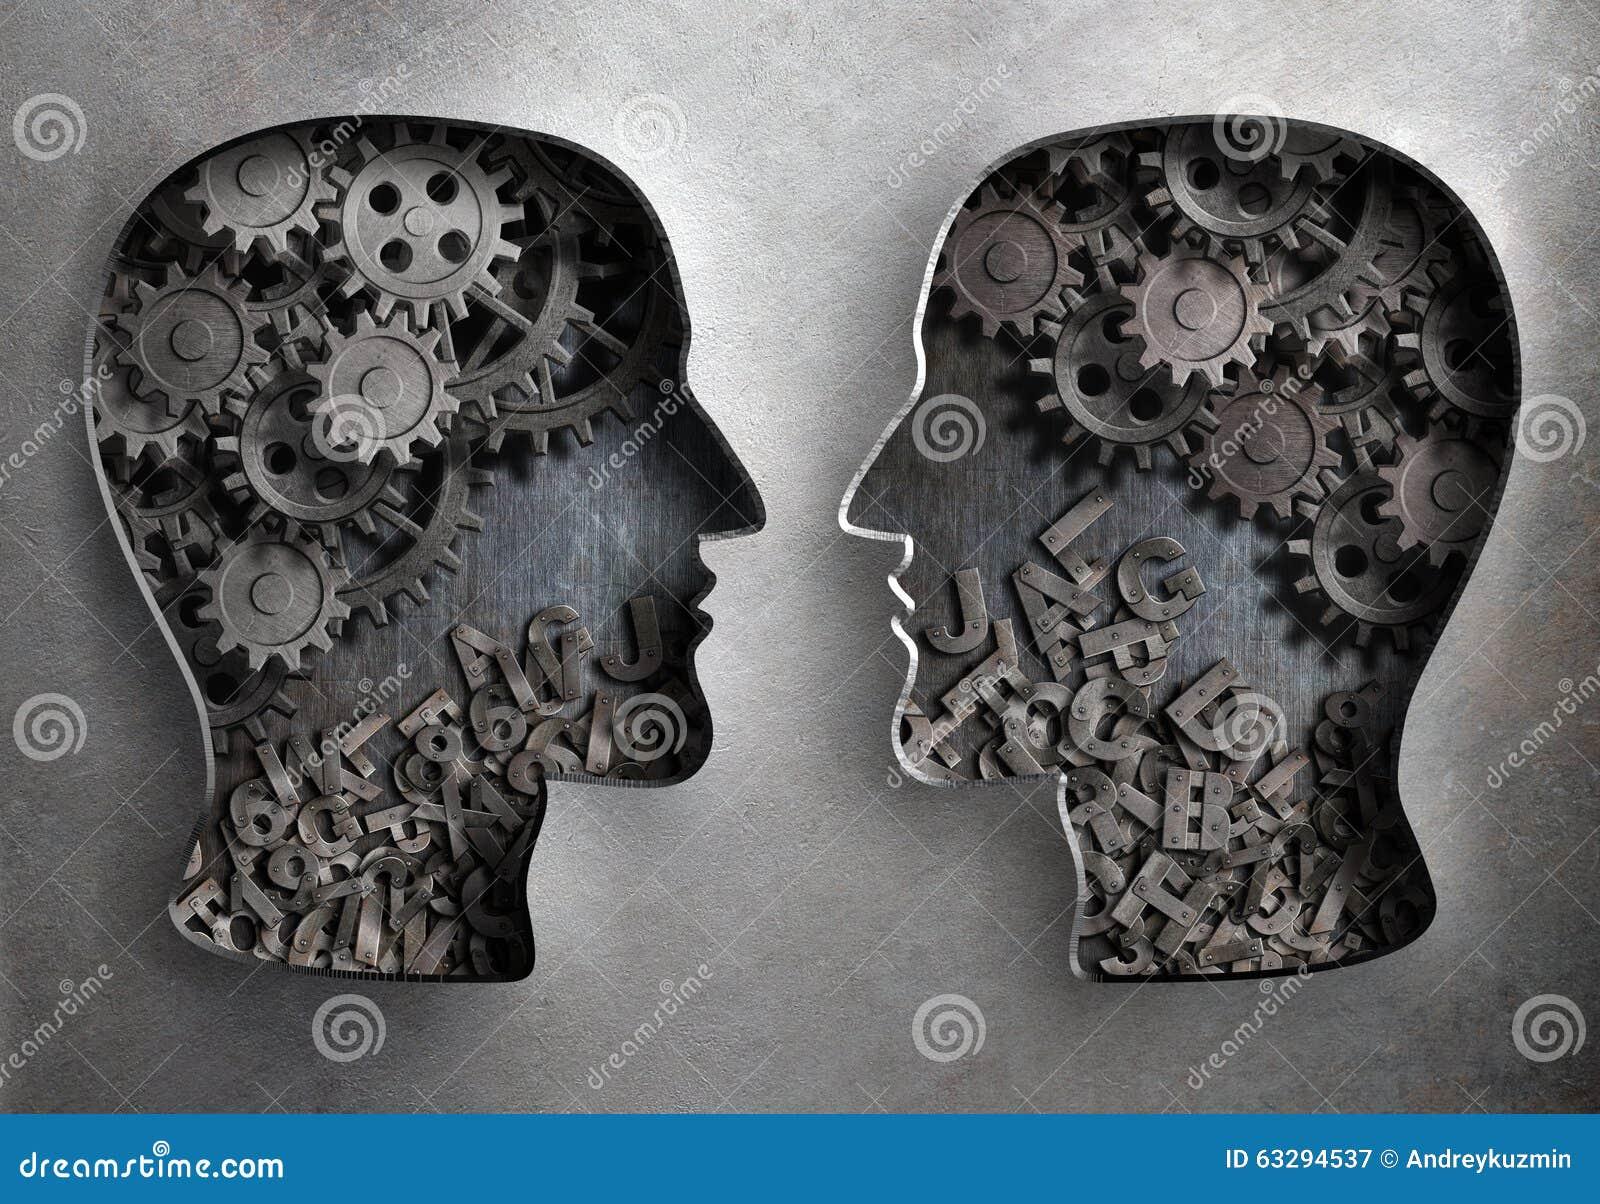 对话或通信、信息和知识